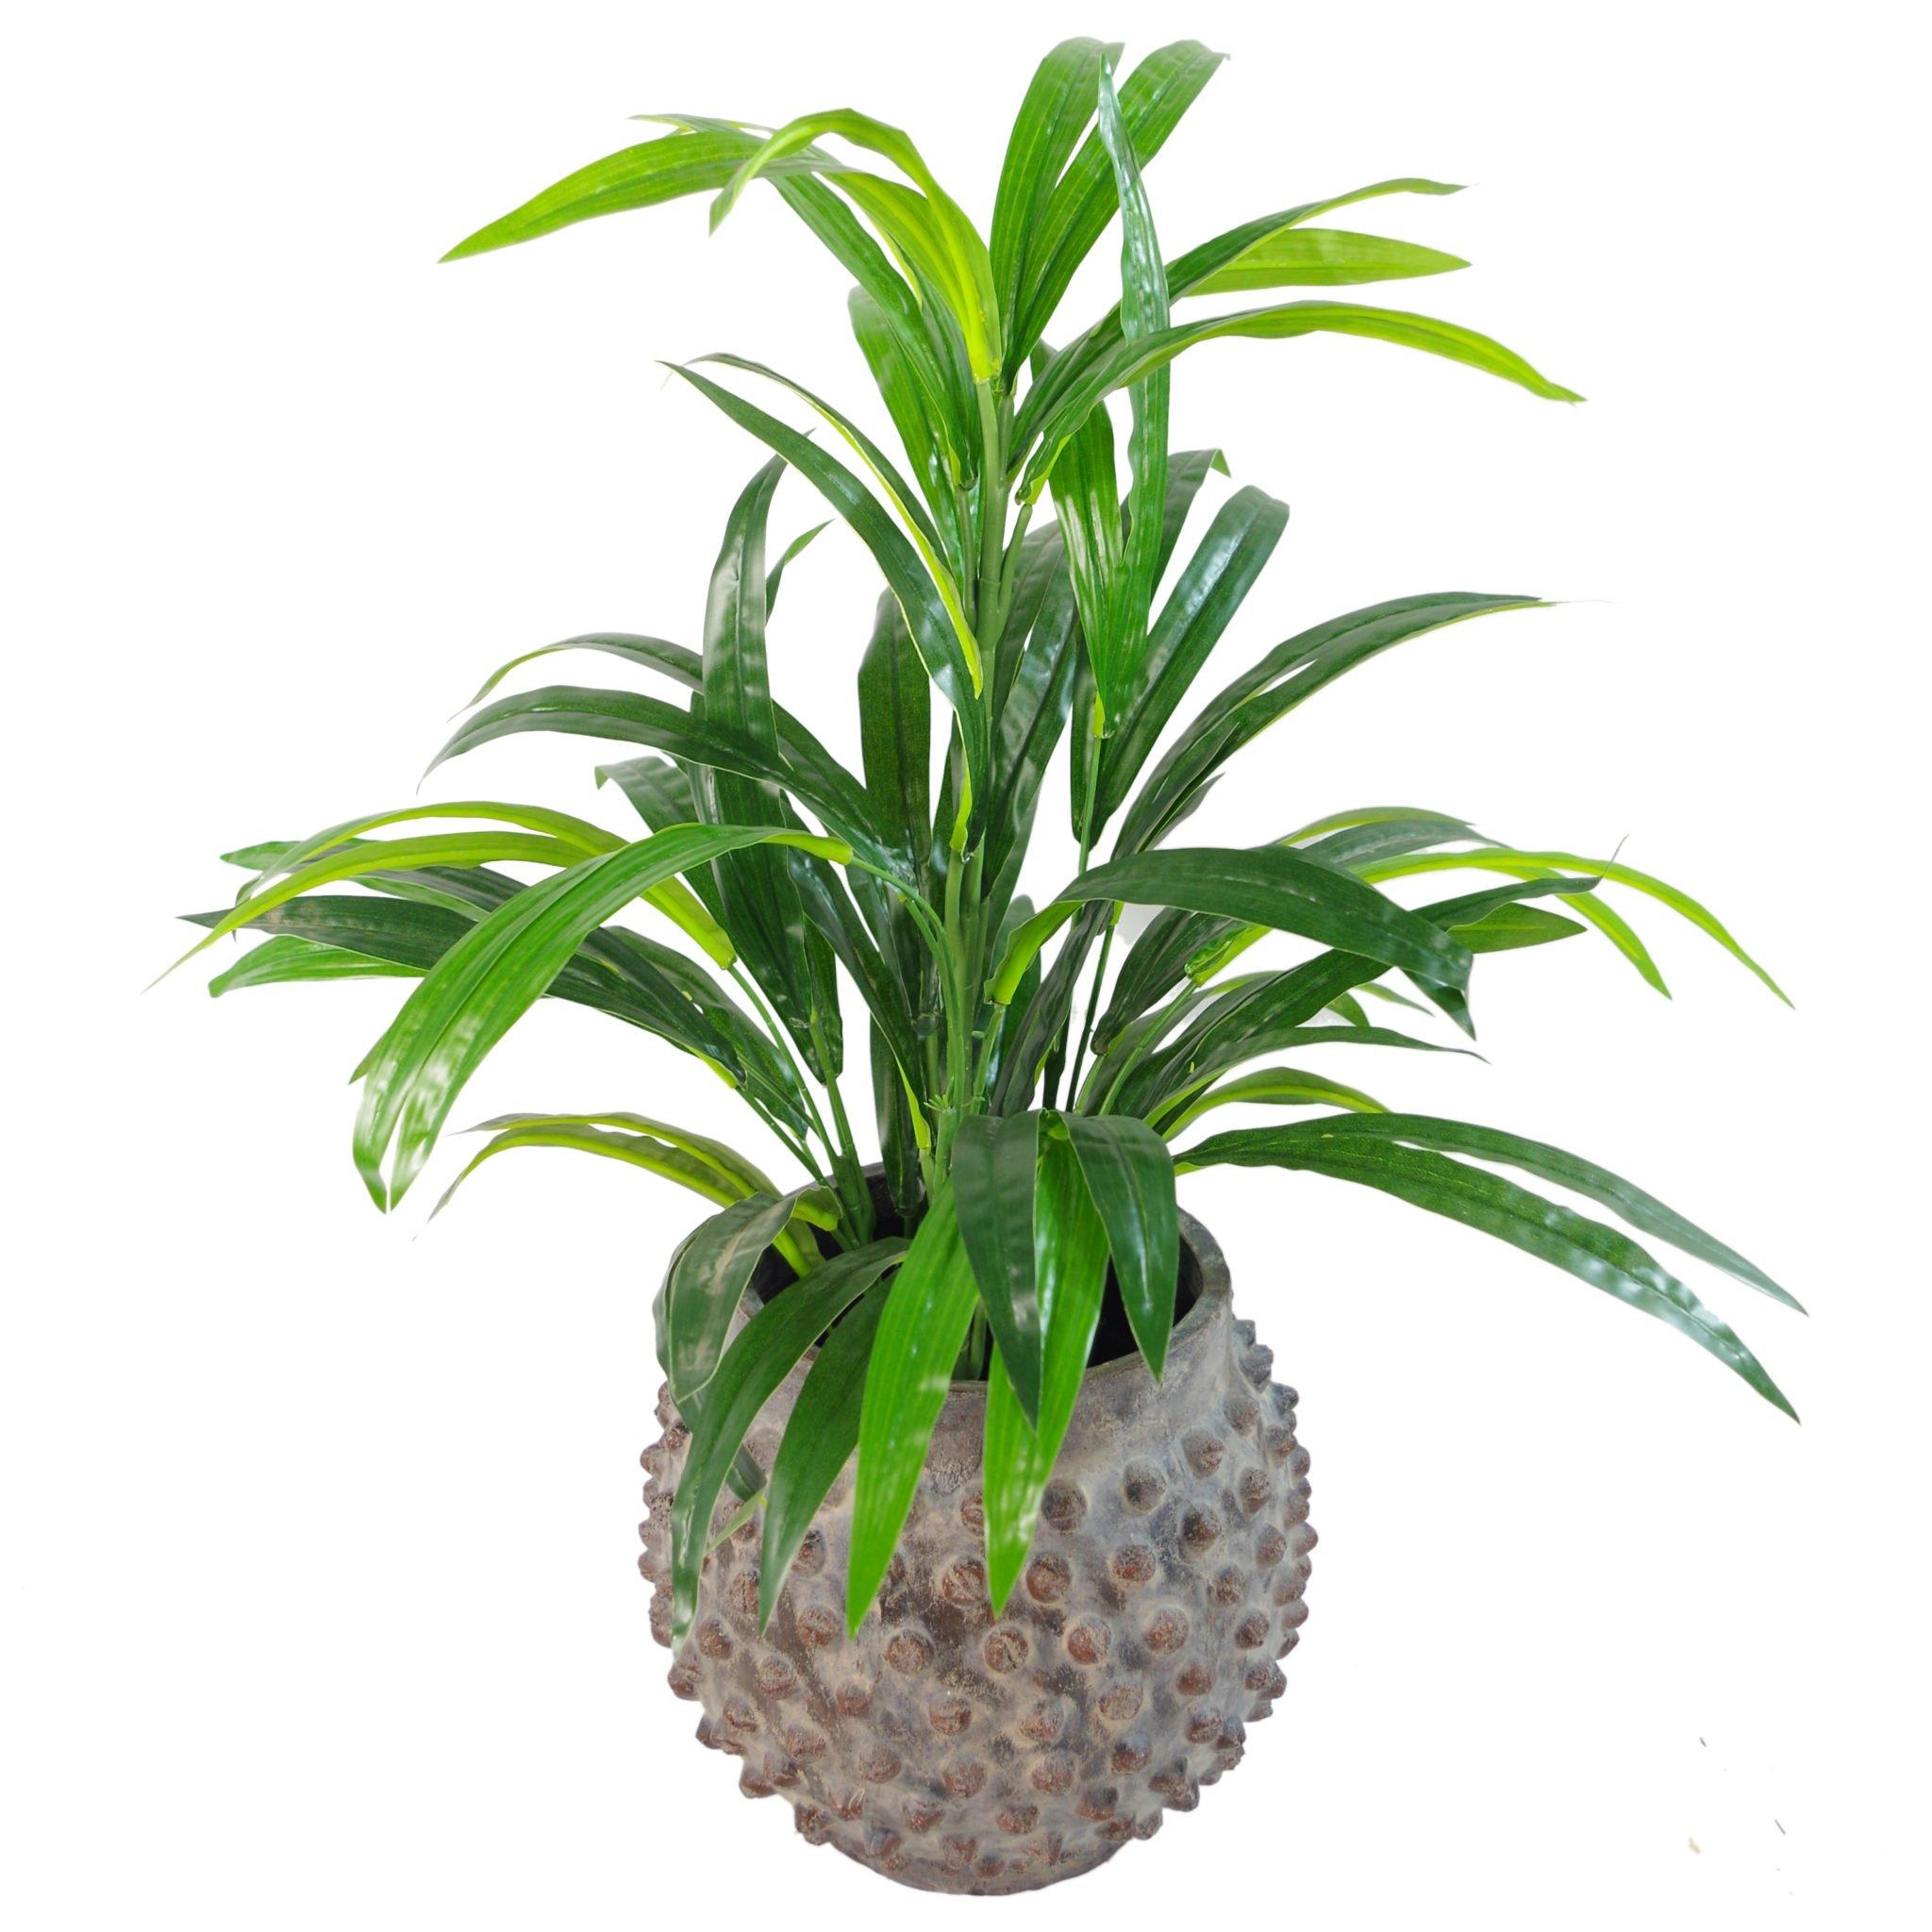 Leaf Planta Artificial de 65 cm con Hojas Grandes de bambú, 65cm